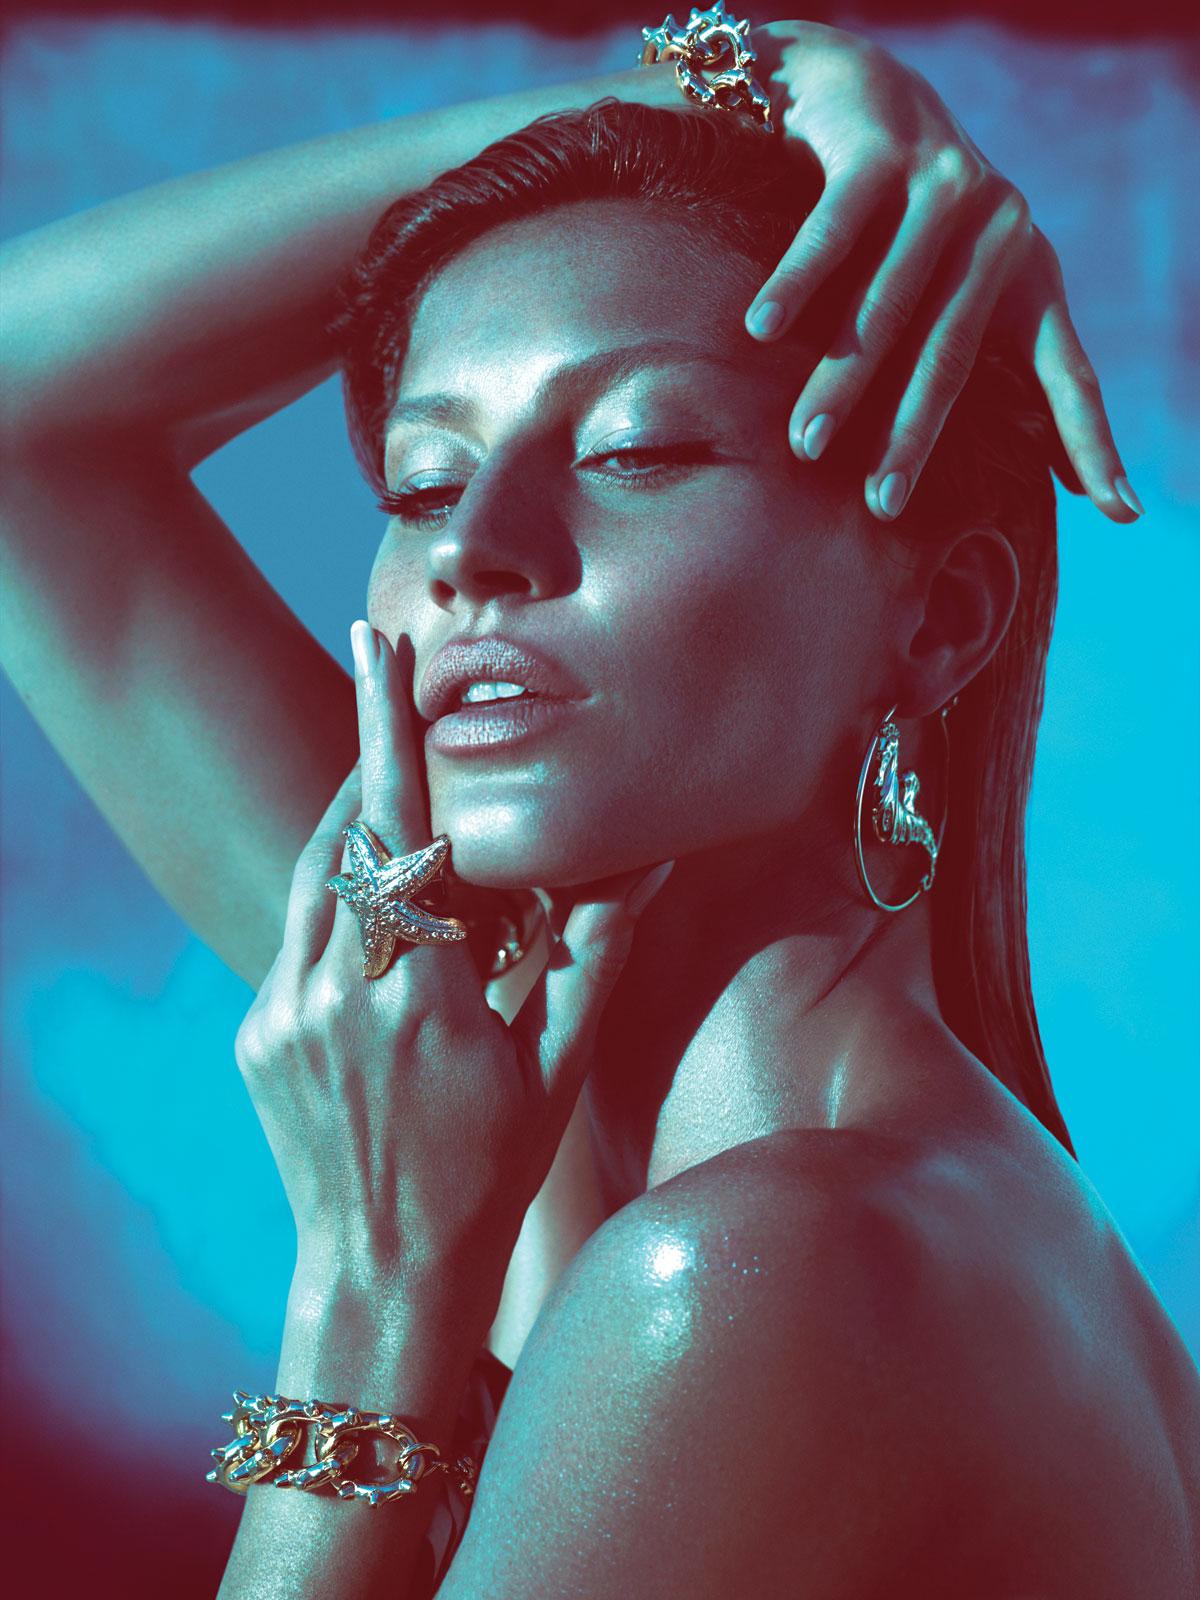 Gisele Bündchen by Mert & Marcus (Versace Spring-Summer 2012)